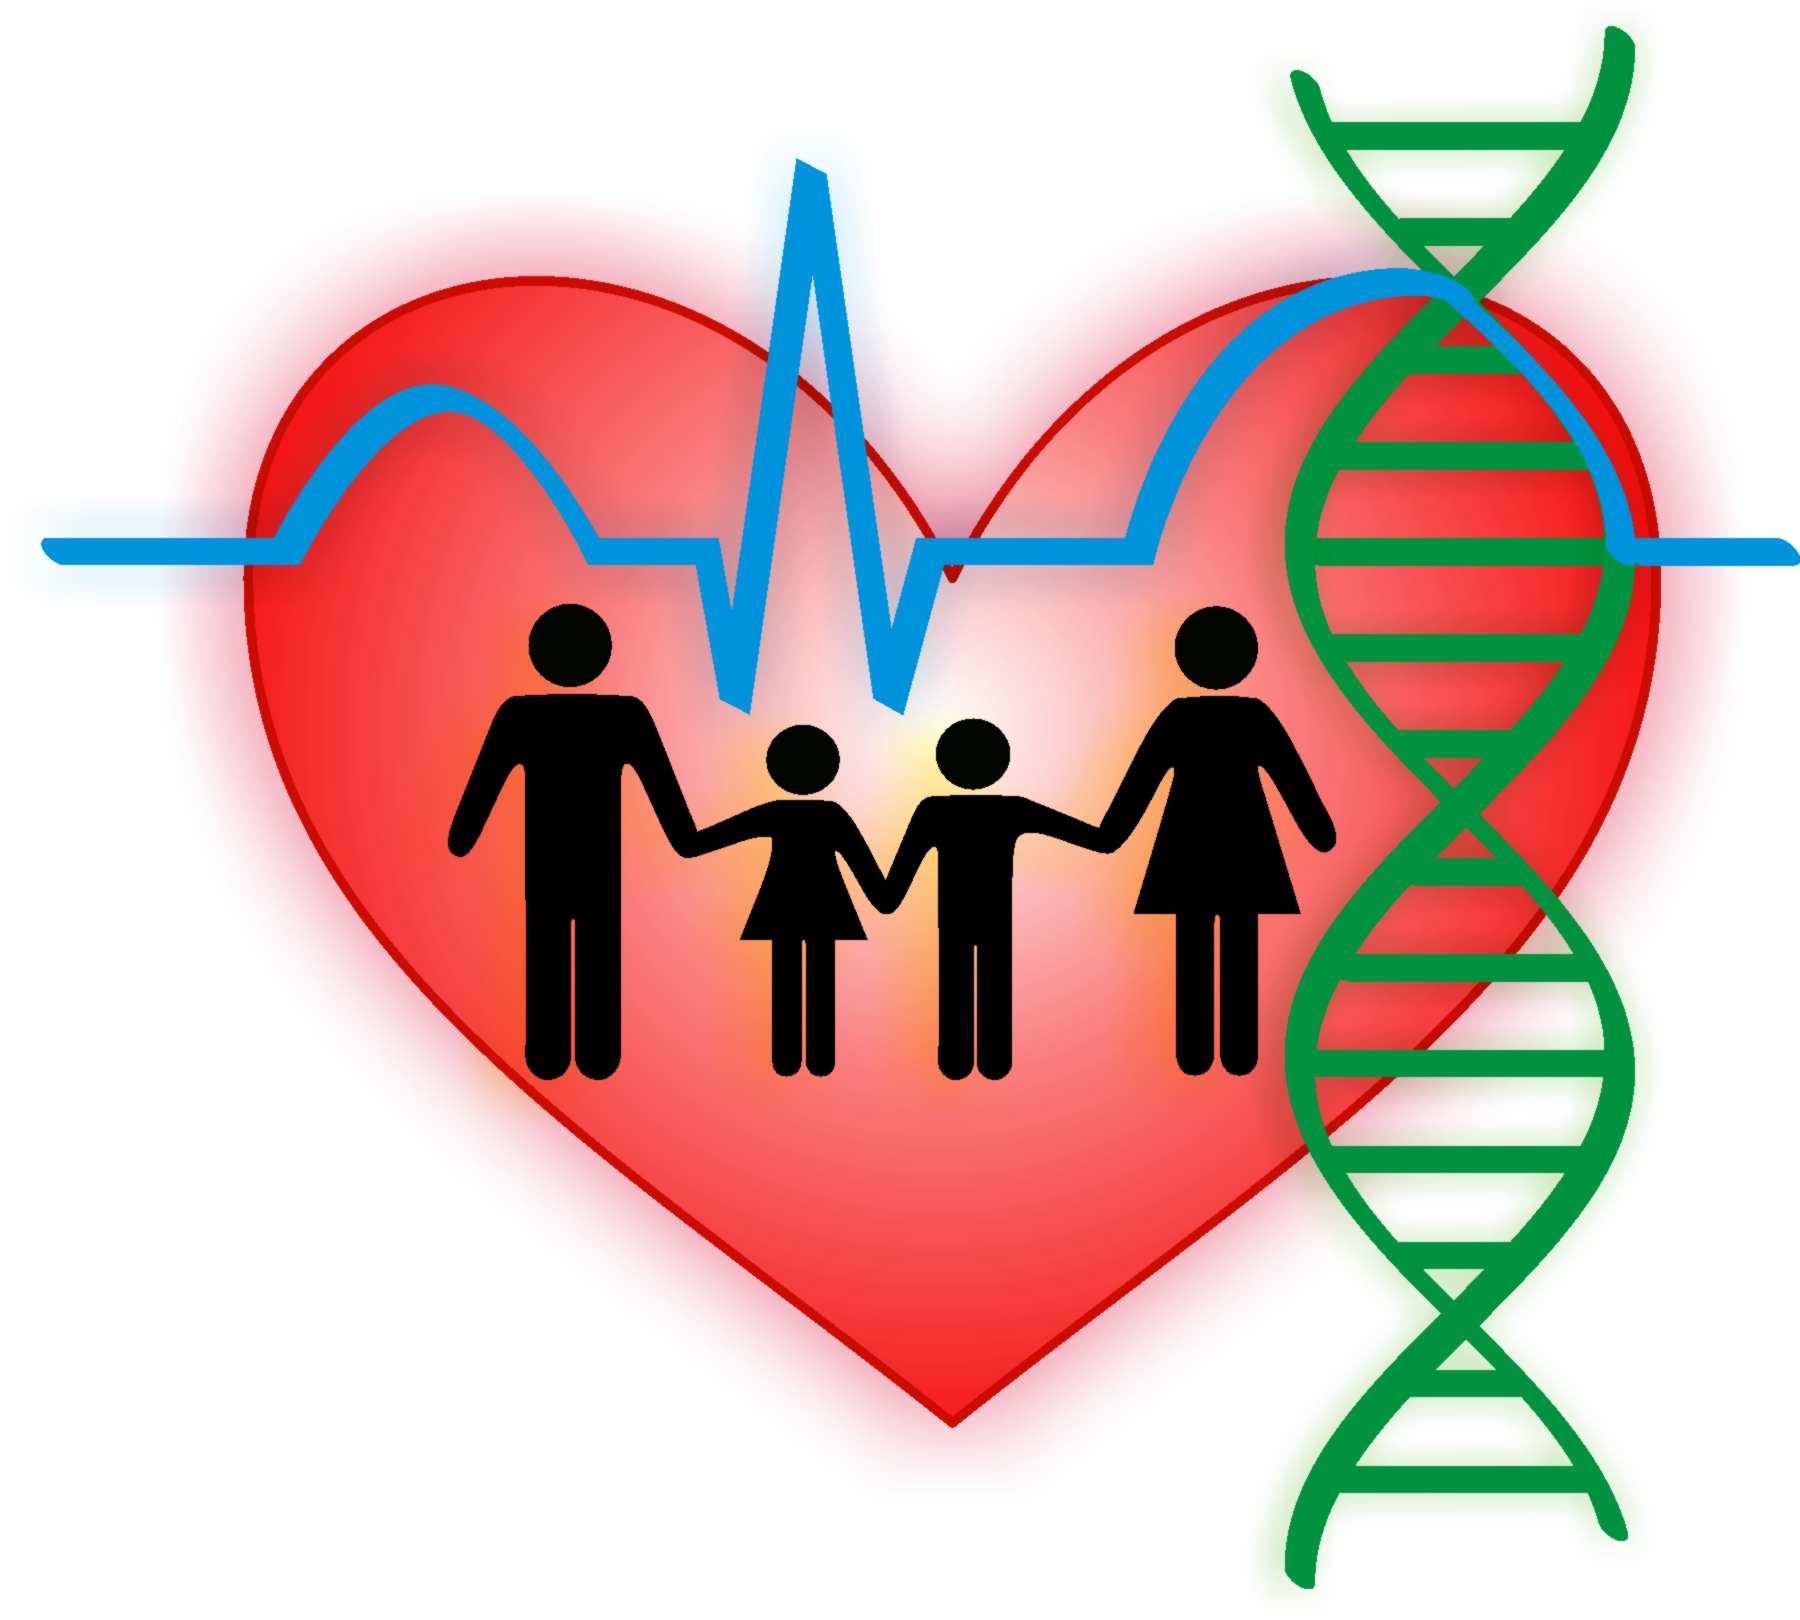 بیماری های ارثی چیست؟ | بهترین مرکز مشاوره بیماری های ارثی